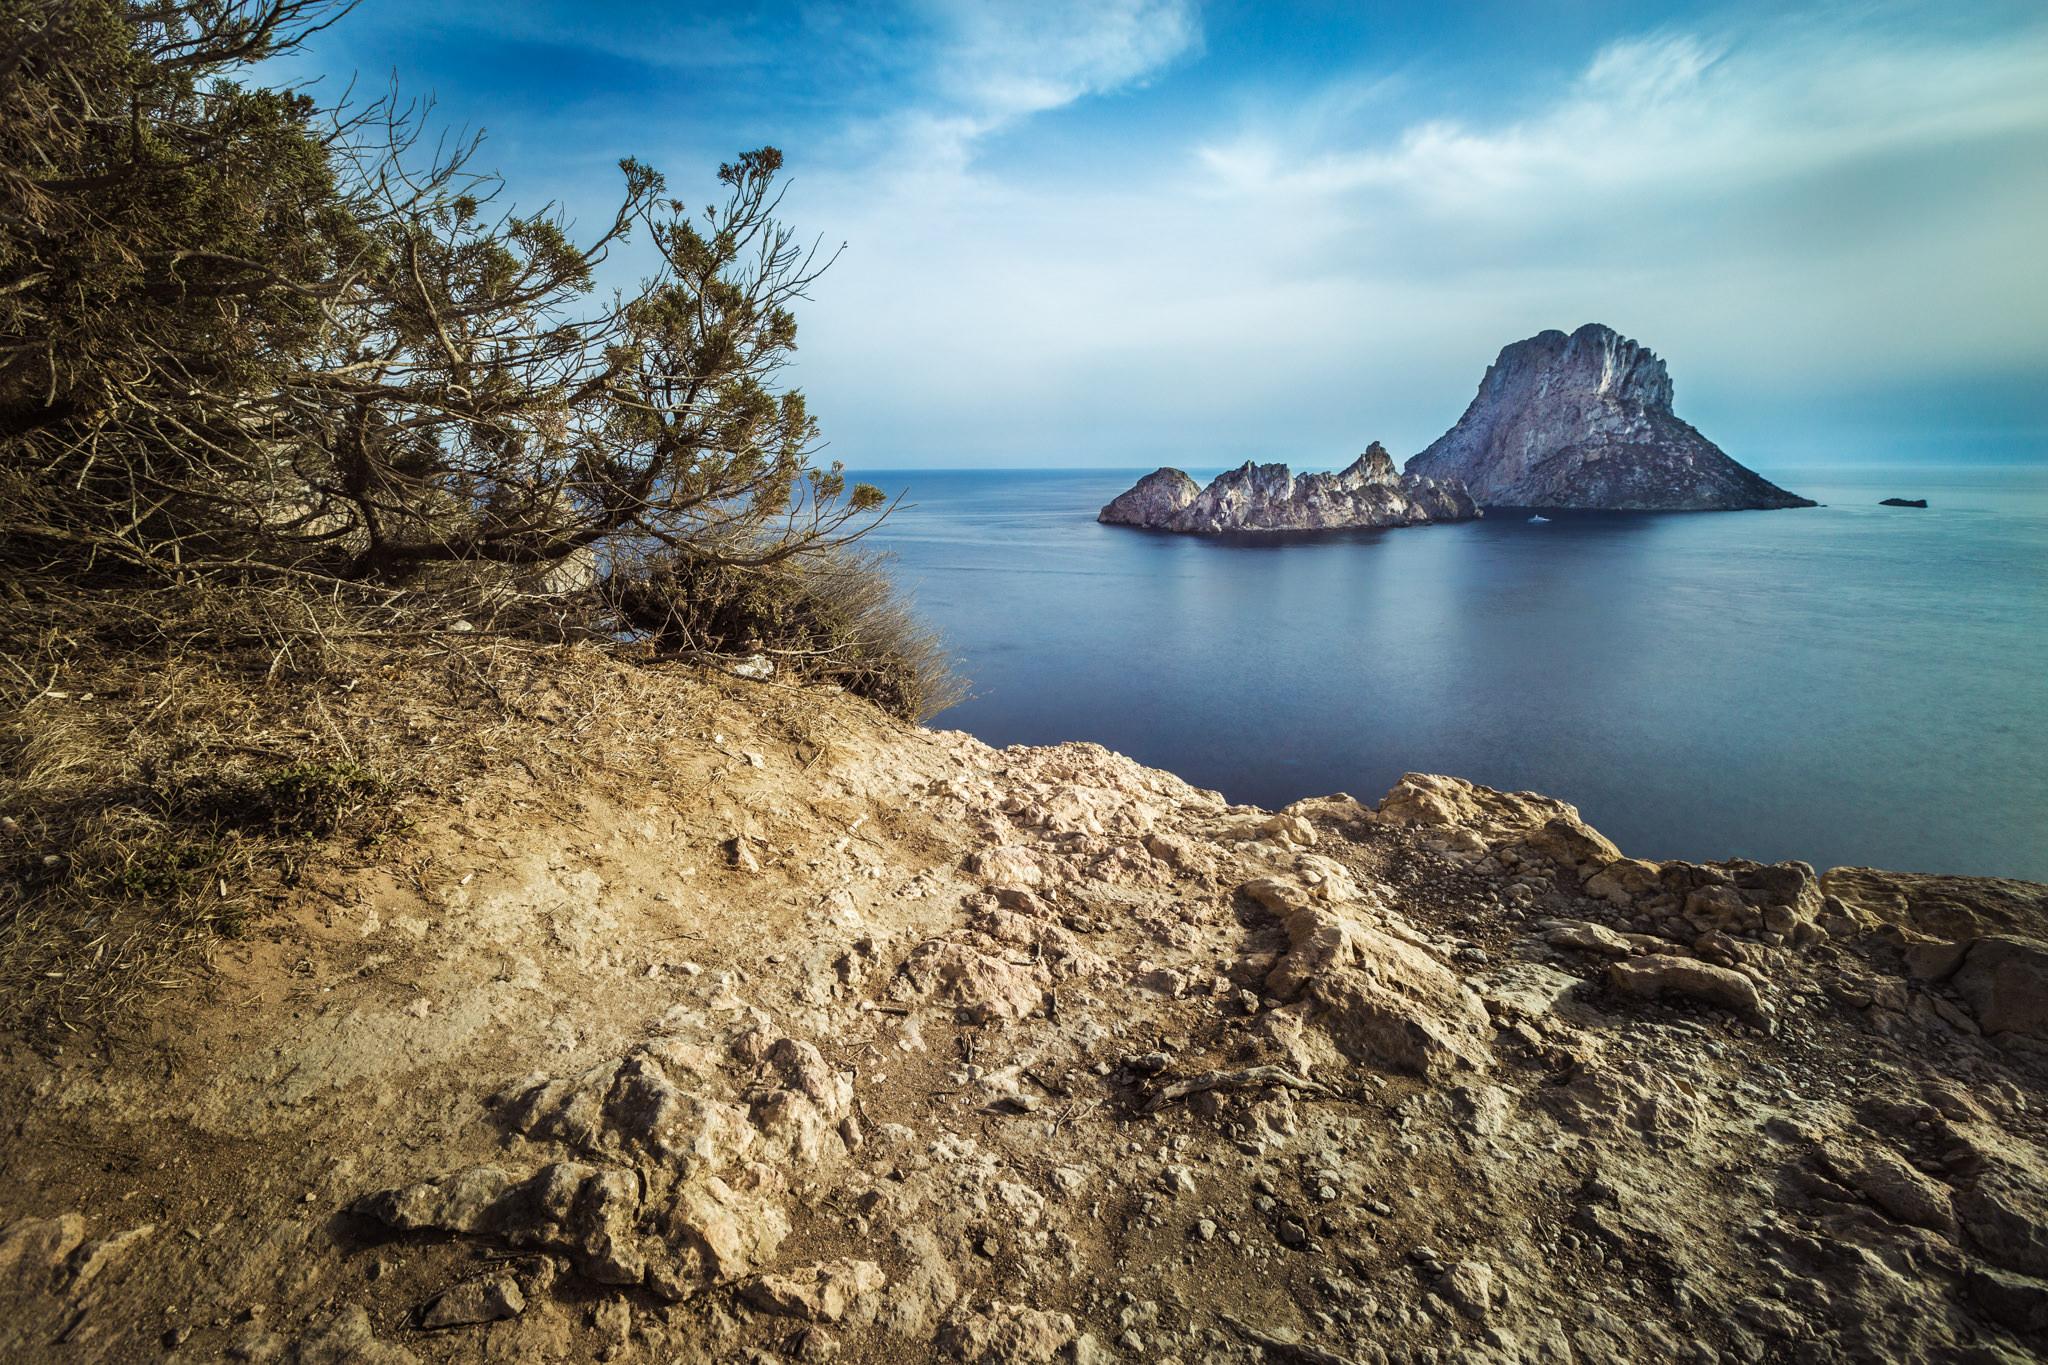 Fotografía de paisaje de larga exposición en la que aparece la isla de Es Vedra, en Ibiza, enmarcada por un paraje natural de piedra y bosque